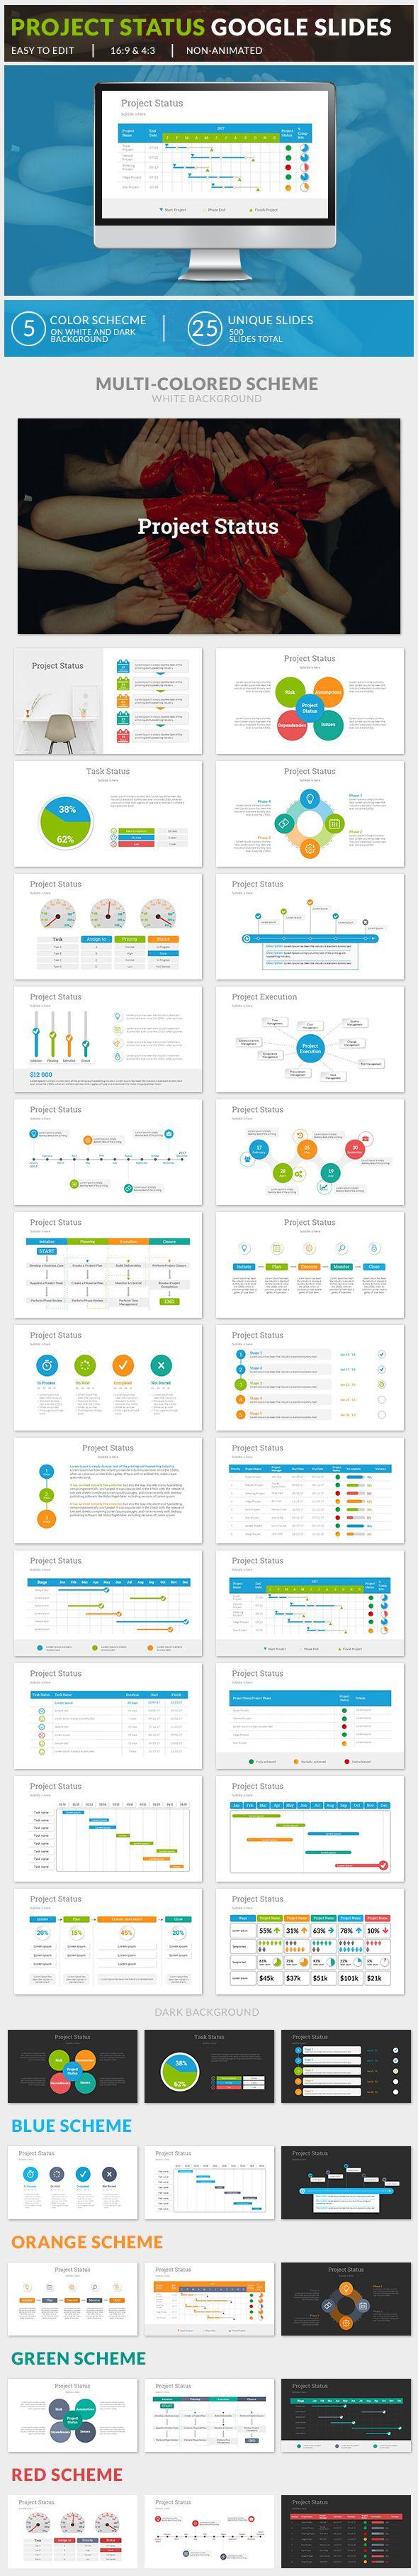 project status google slides google slides presentation